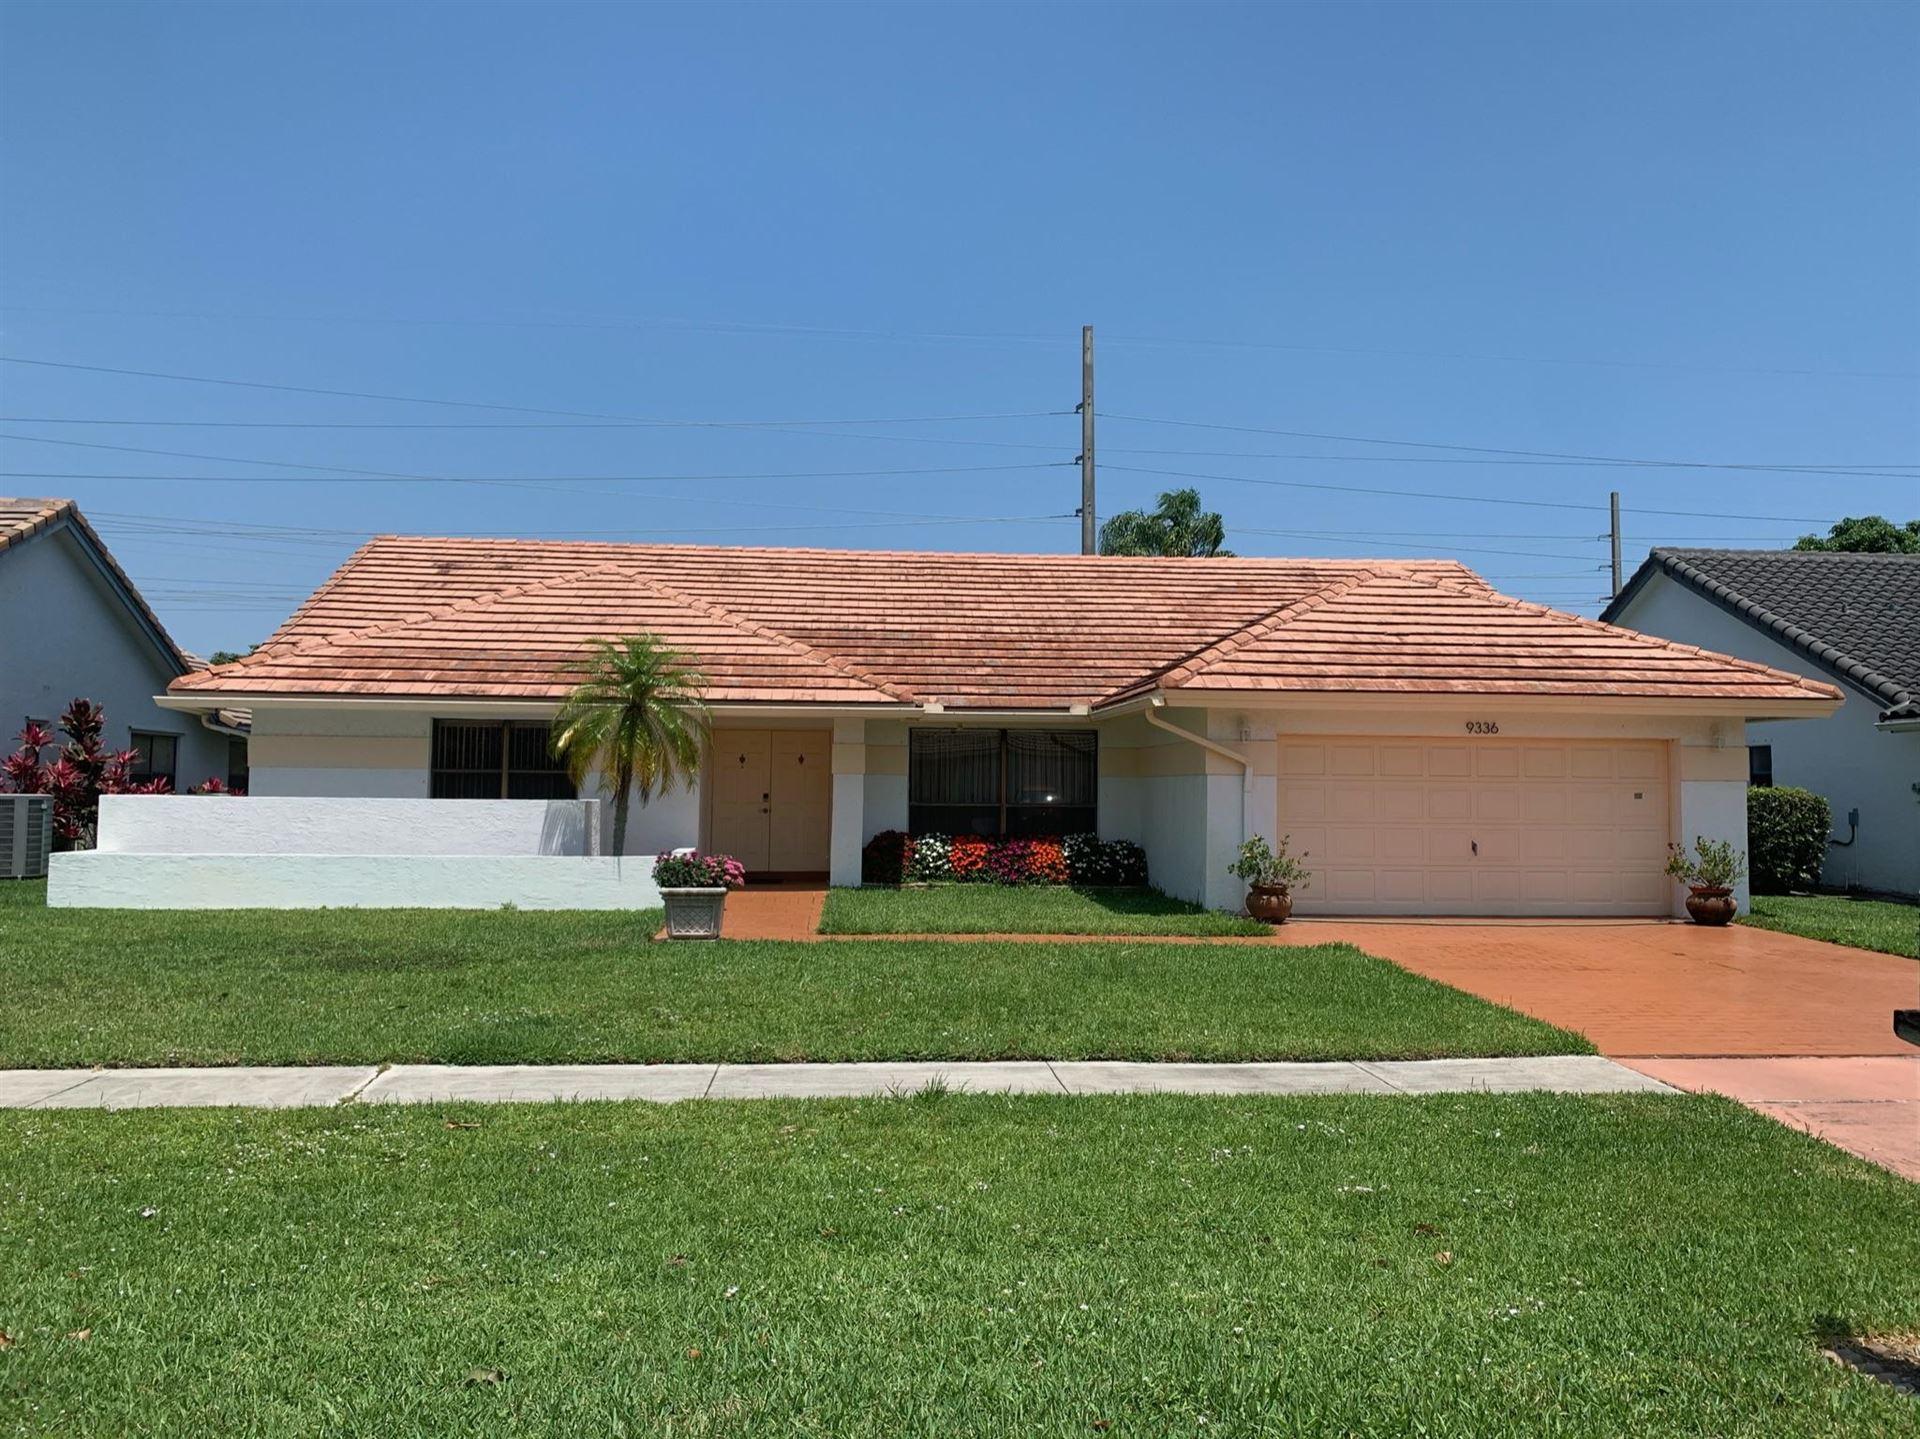 9336 Sun Pointe Drive, Boynton Beach, FL 33437 - MLS#: RX-10710428